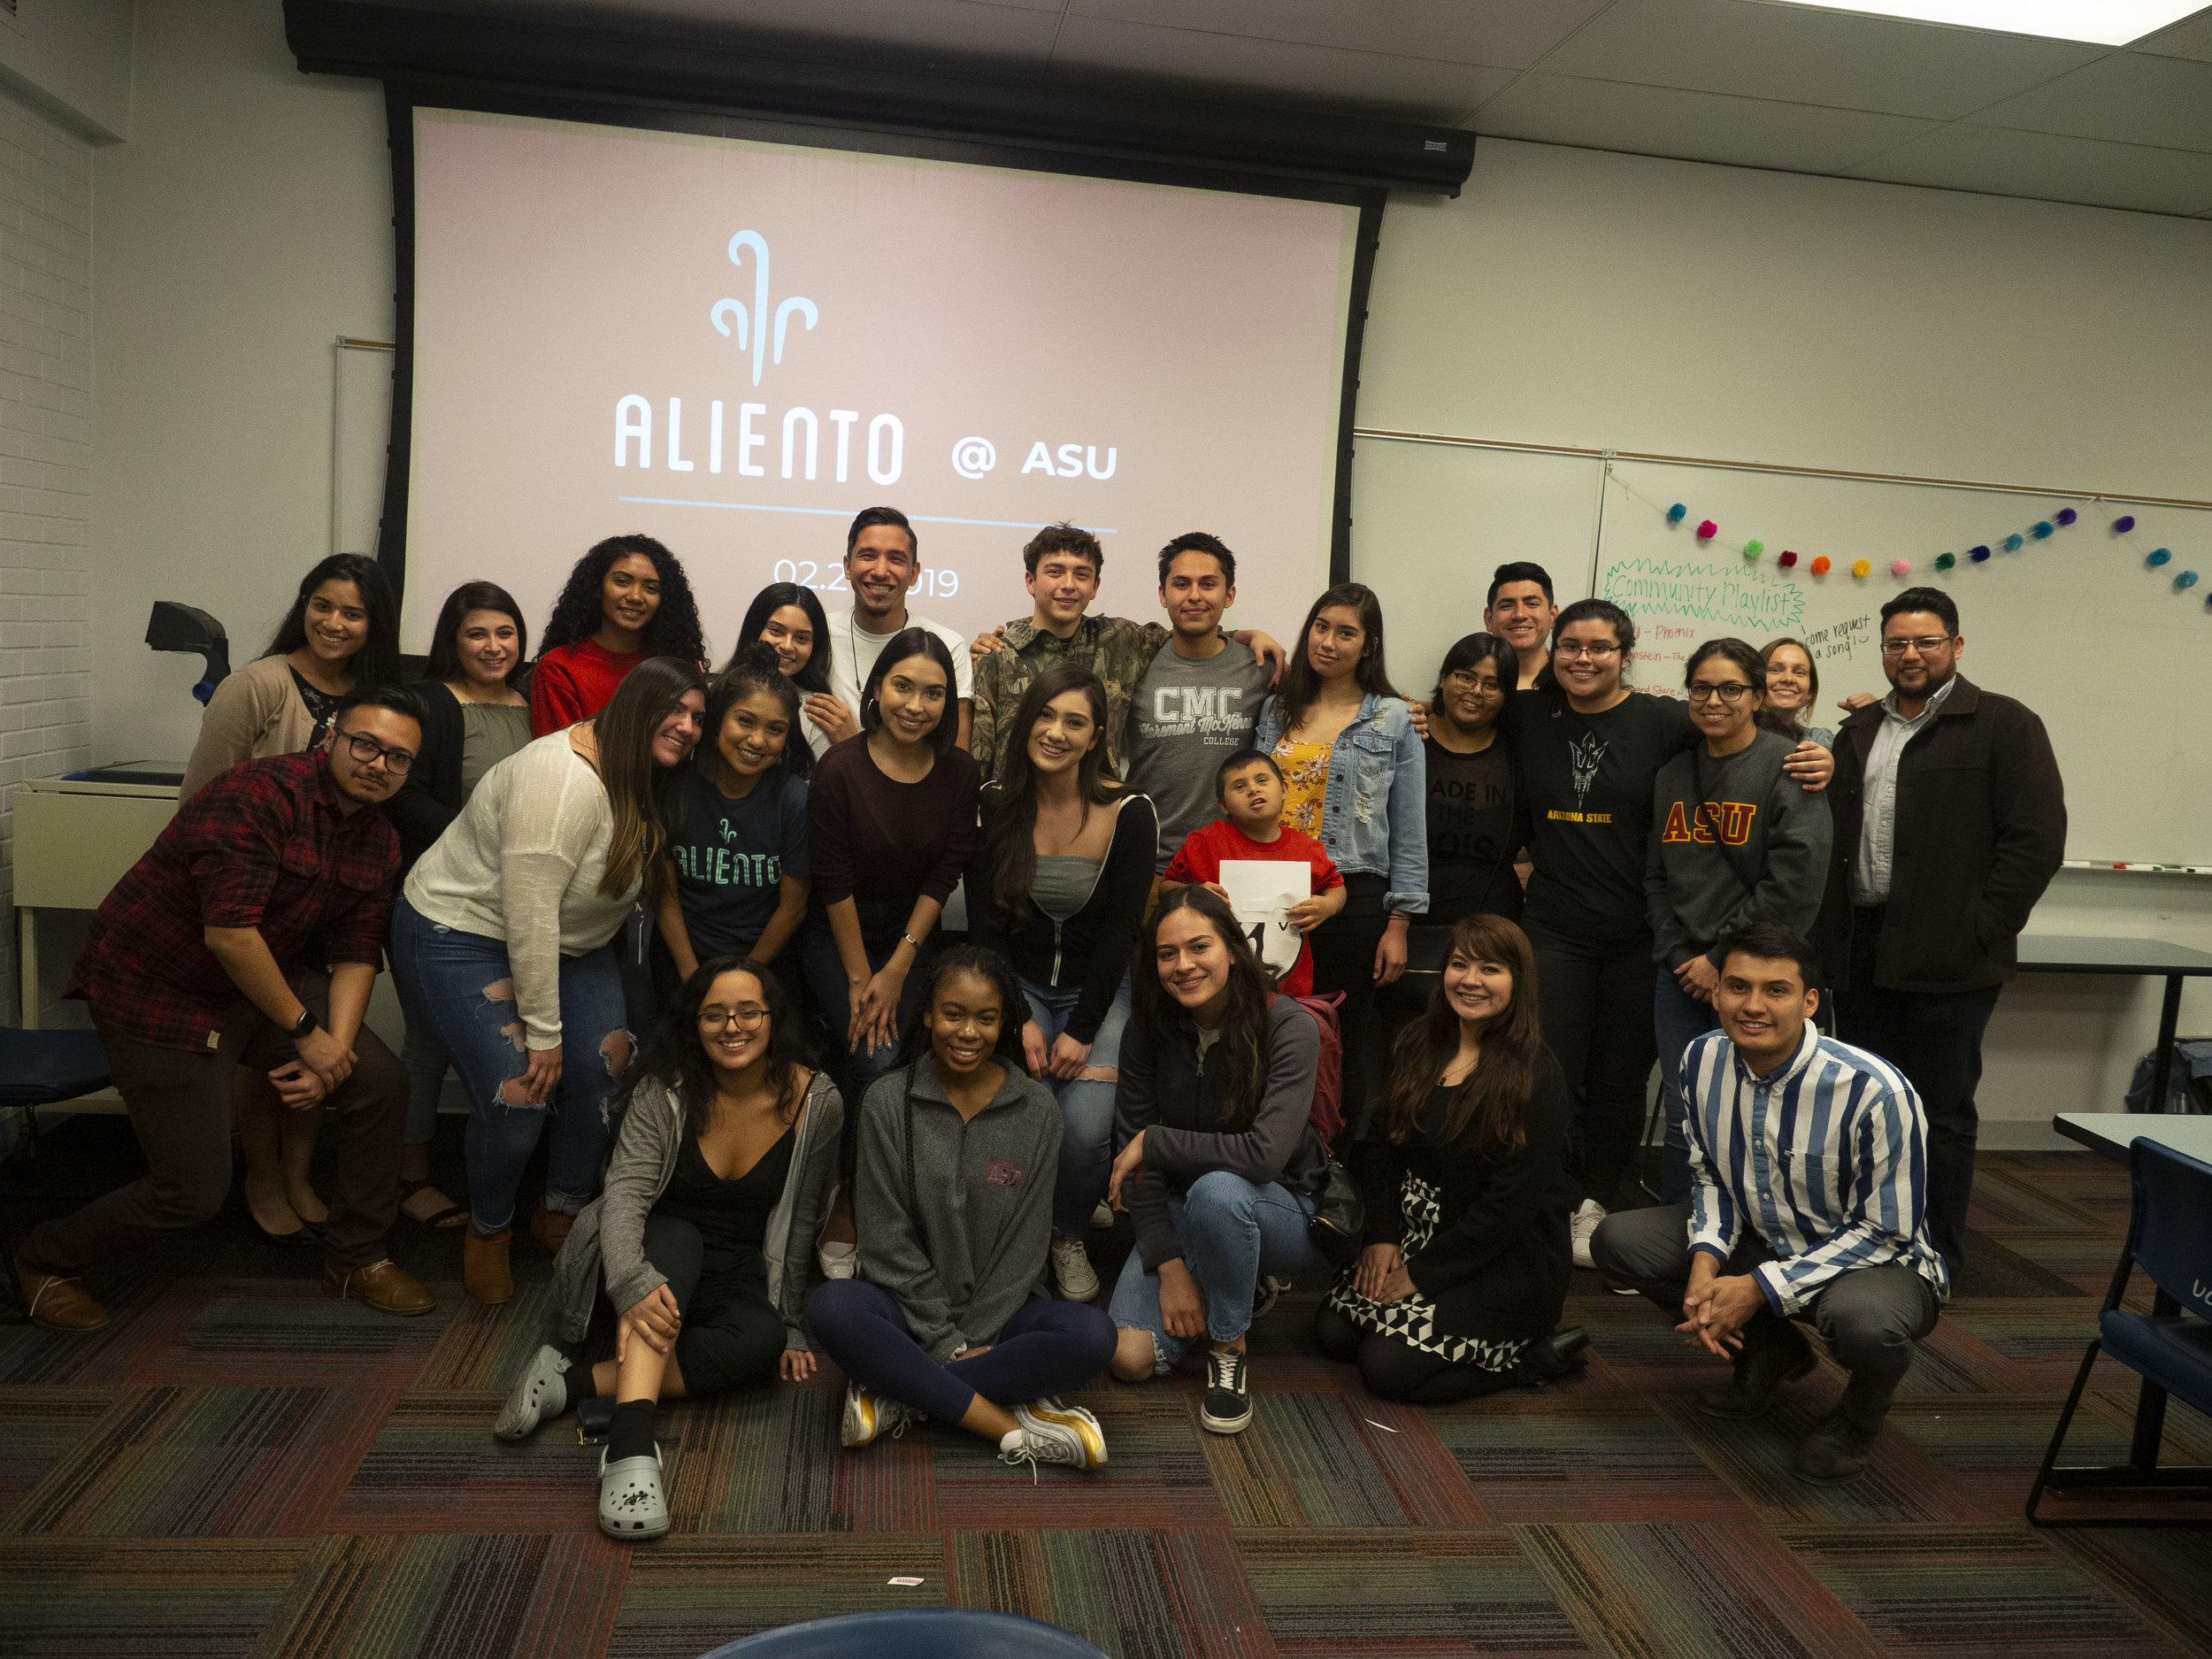 02-27-2019 Aliento at ASU Launch_2496.jpg